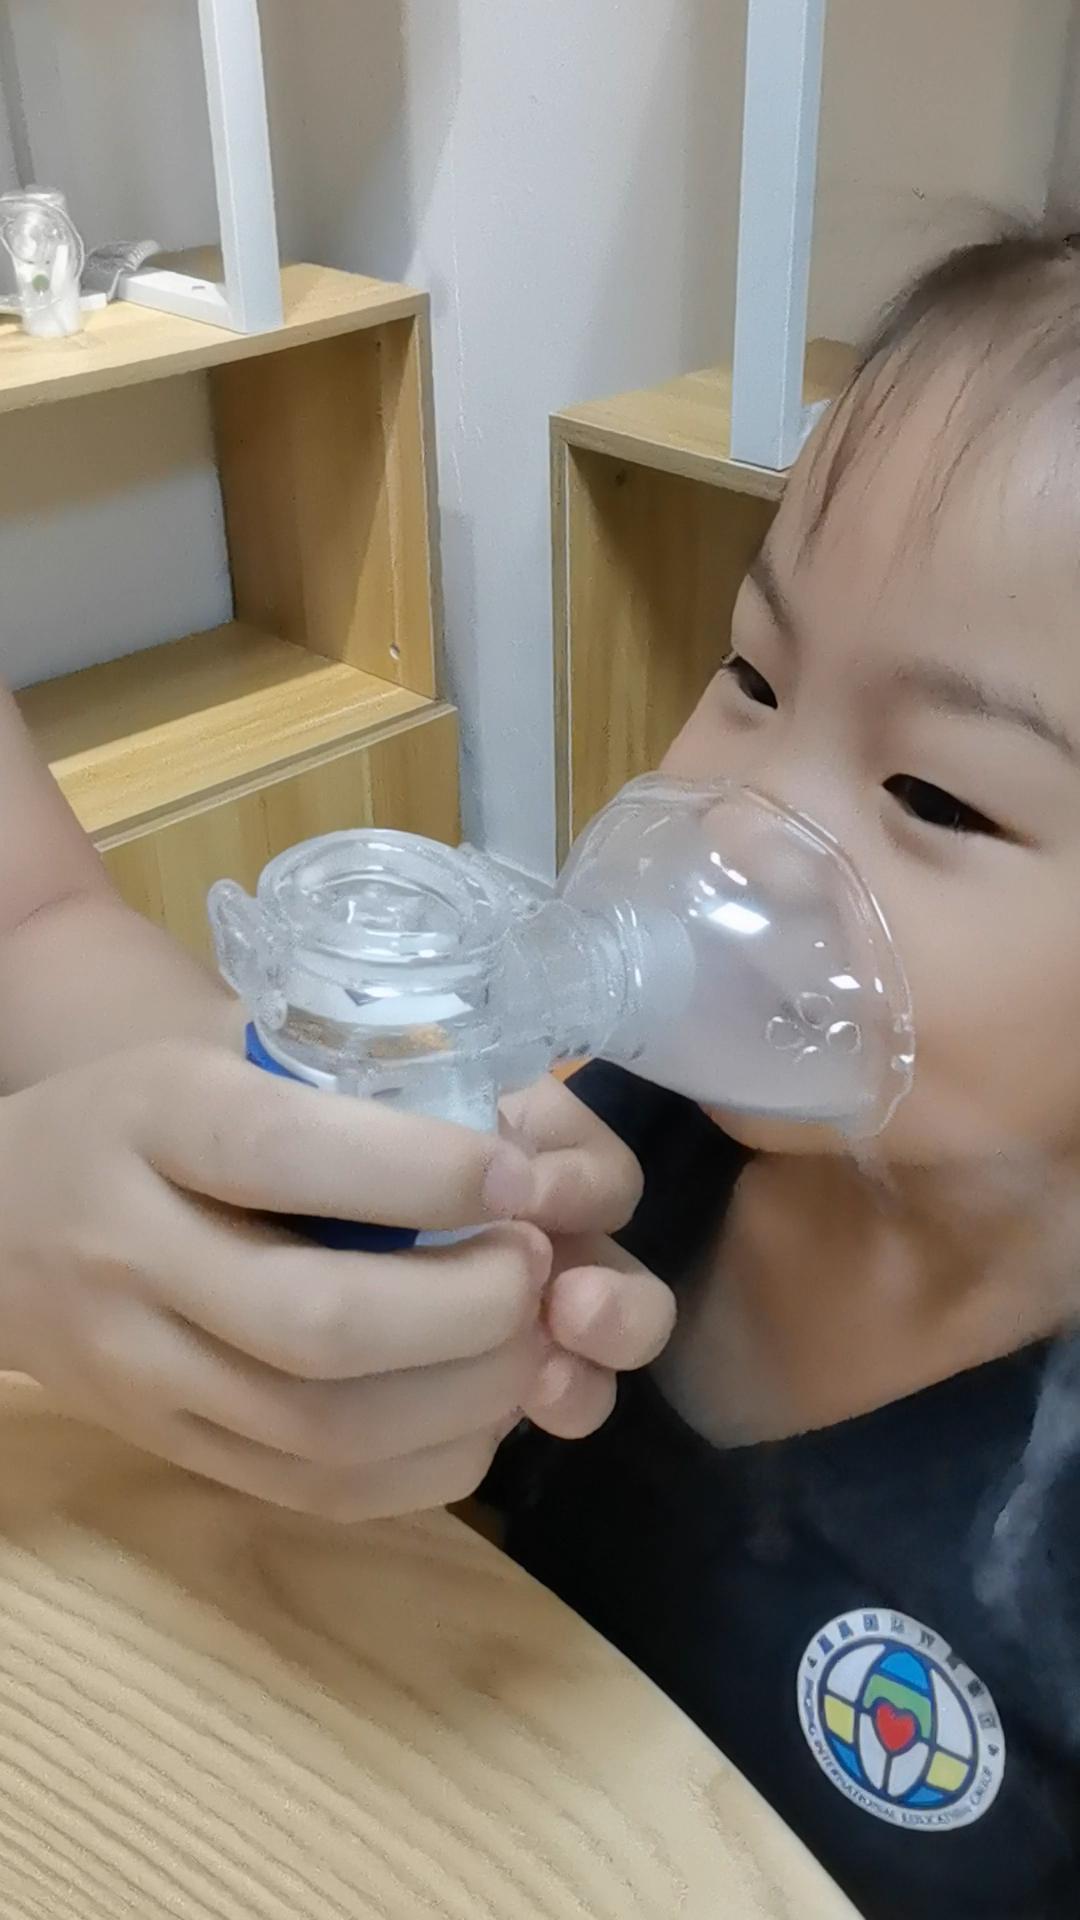 Mini portable nébuliseur, nébuliseur pour la toux et l'inflammation de la gorge